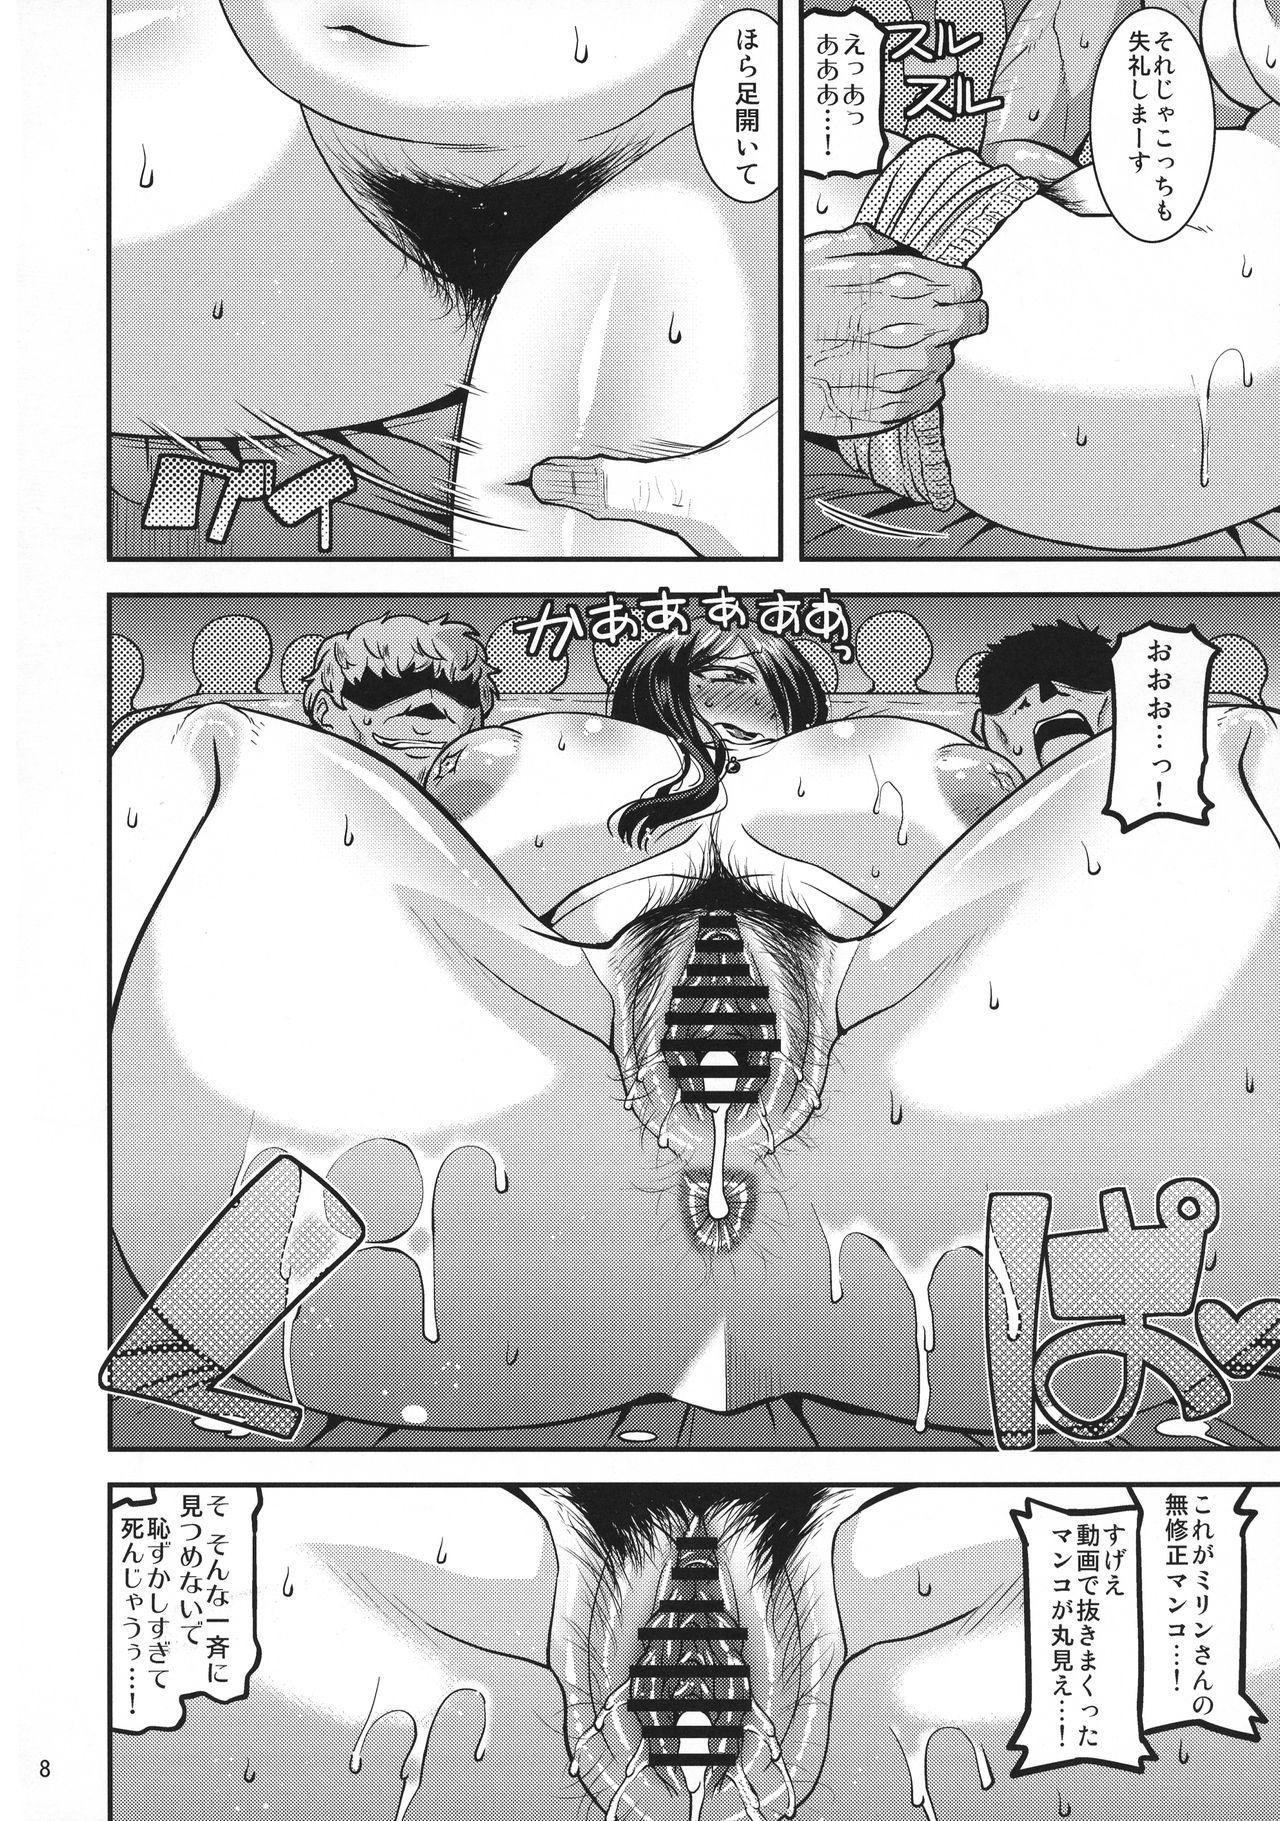 Ero Douga Haishin ga Shumi no Okusan no Namahame Rankou Koukai Mazo Benki 7